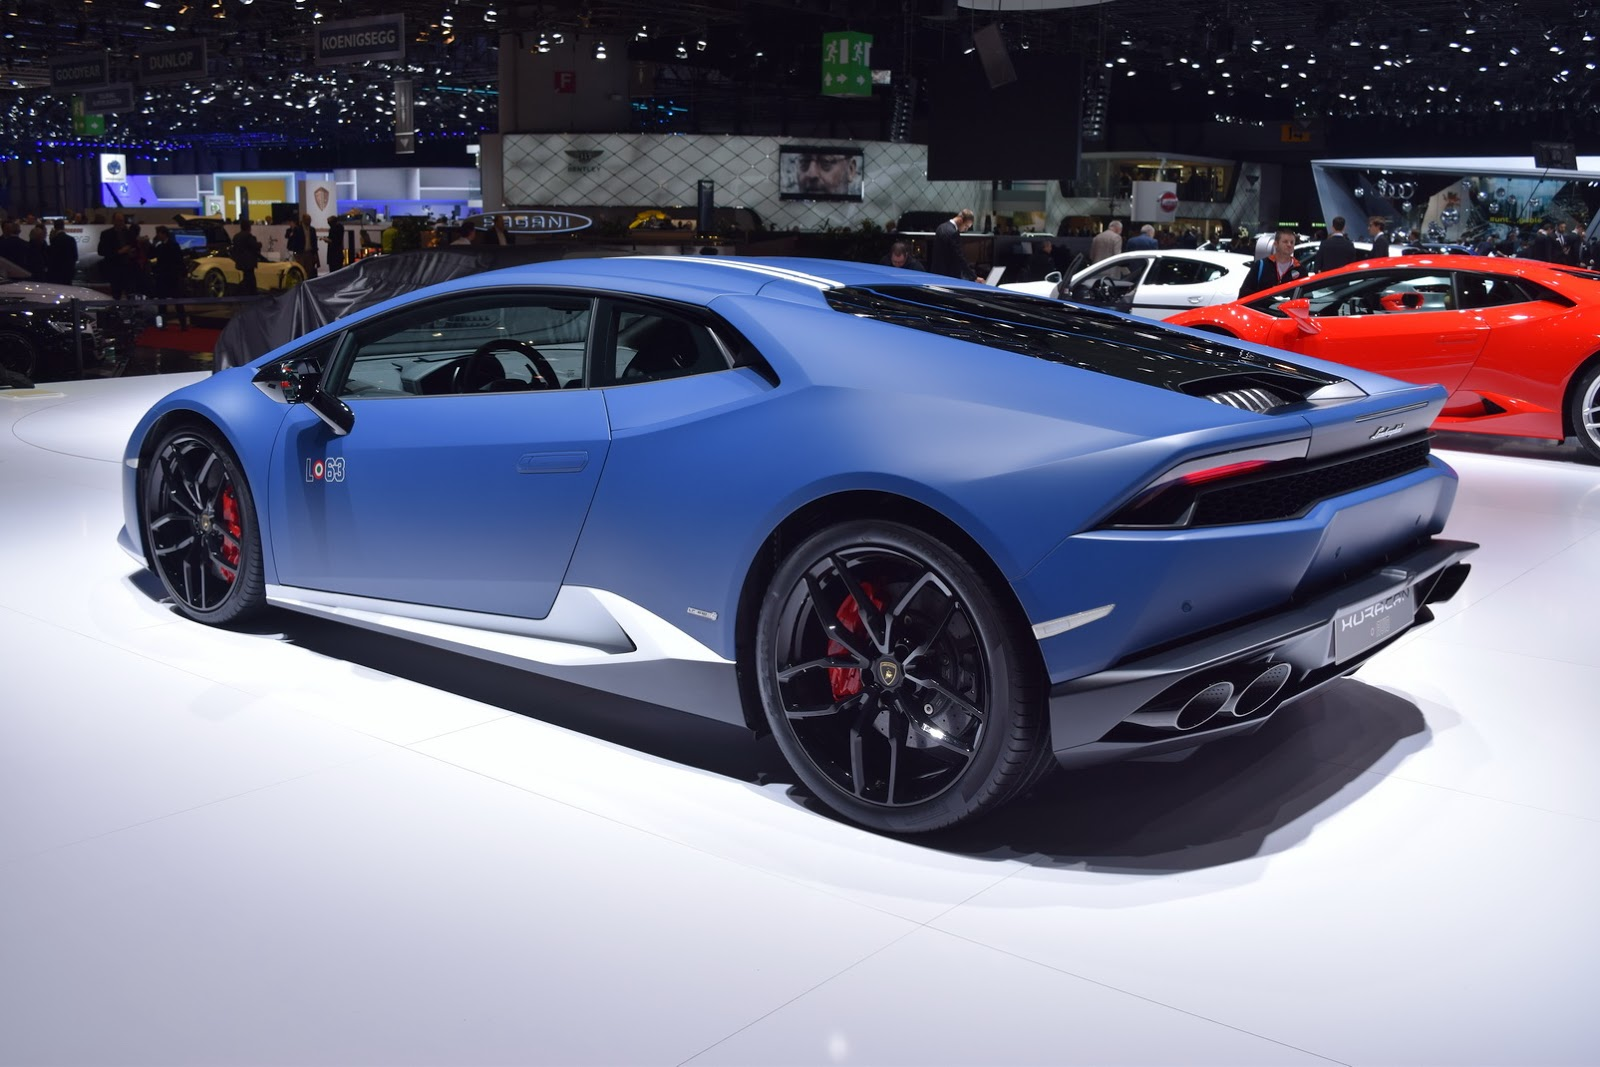 Những gì tinh túy nhất của Lamborghini Huracan vẫn còn trên Avio 2017